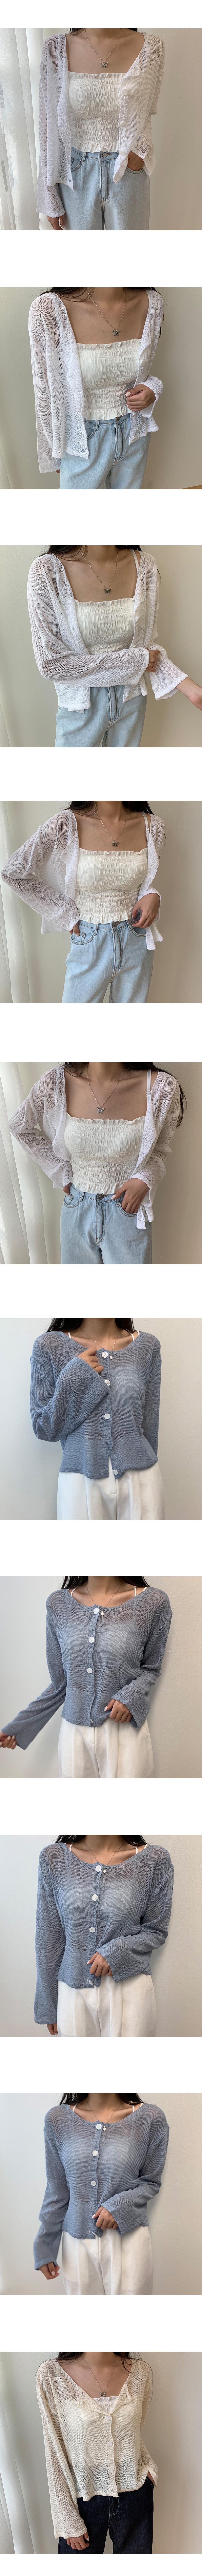 Powder summer yarn knitted net cardigan